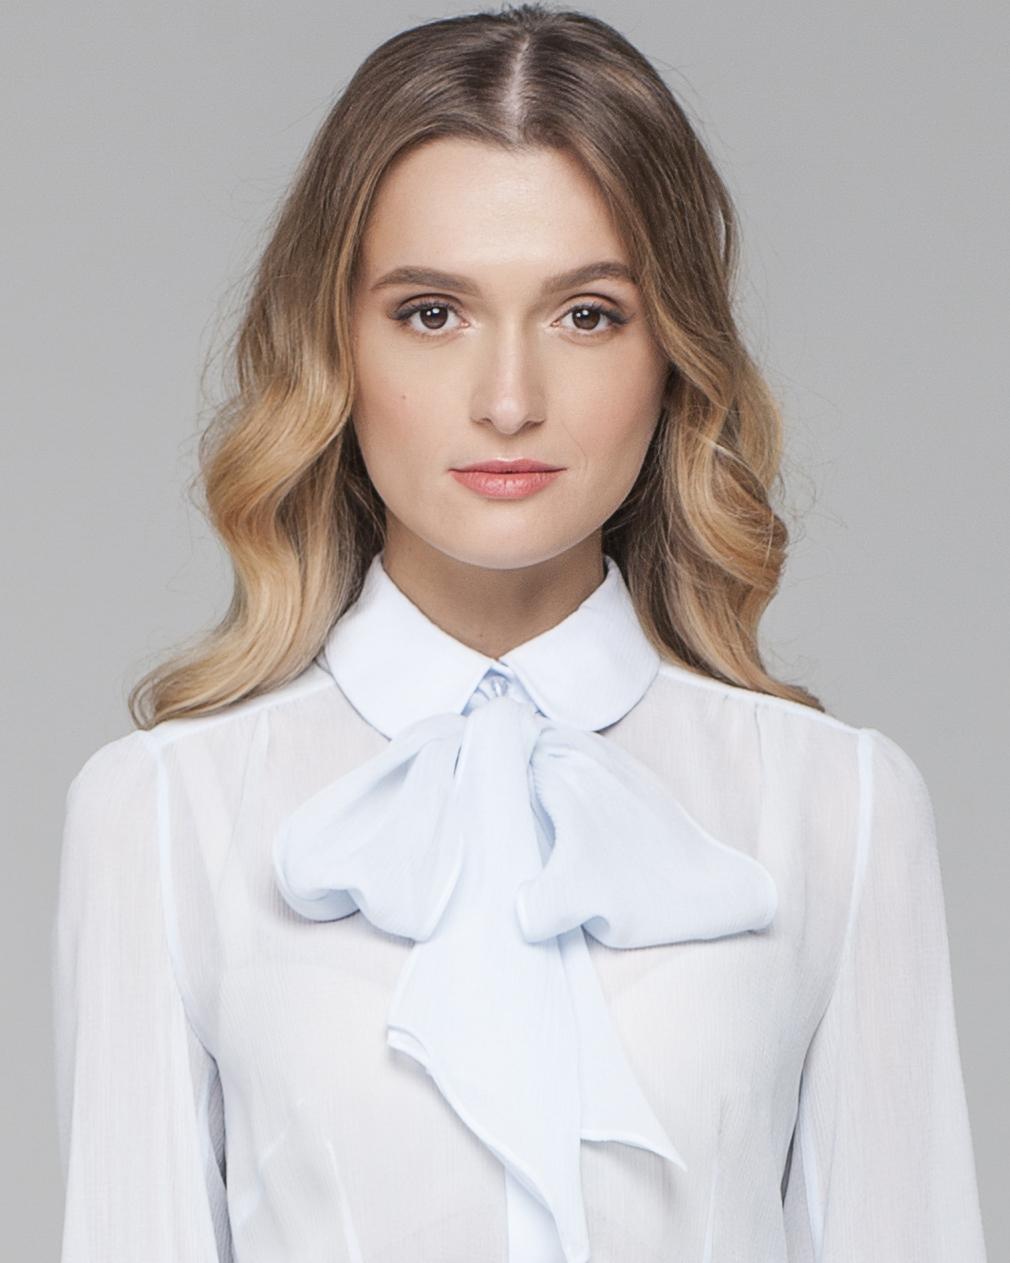 Блузка С Бантом На Шее В Воронеже